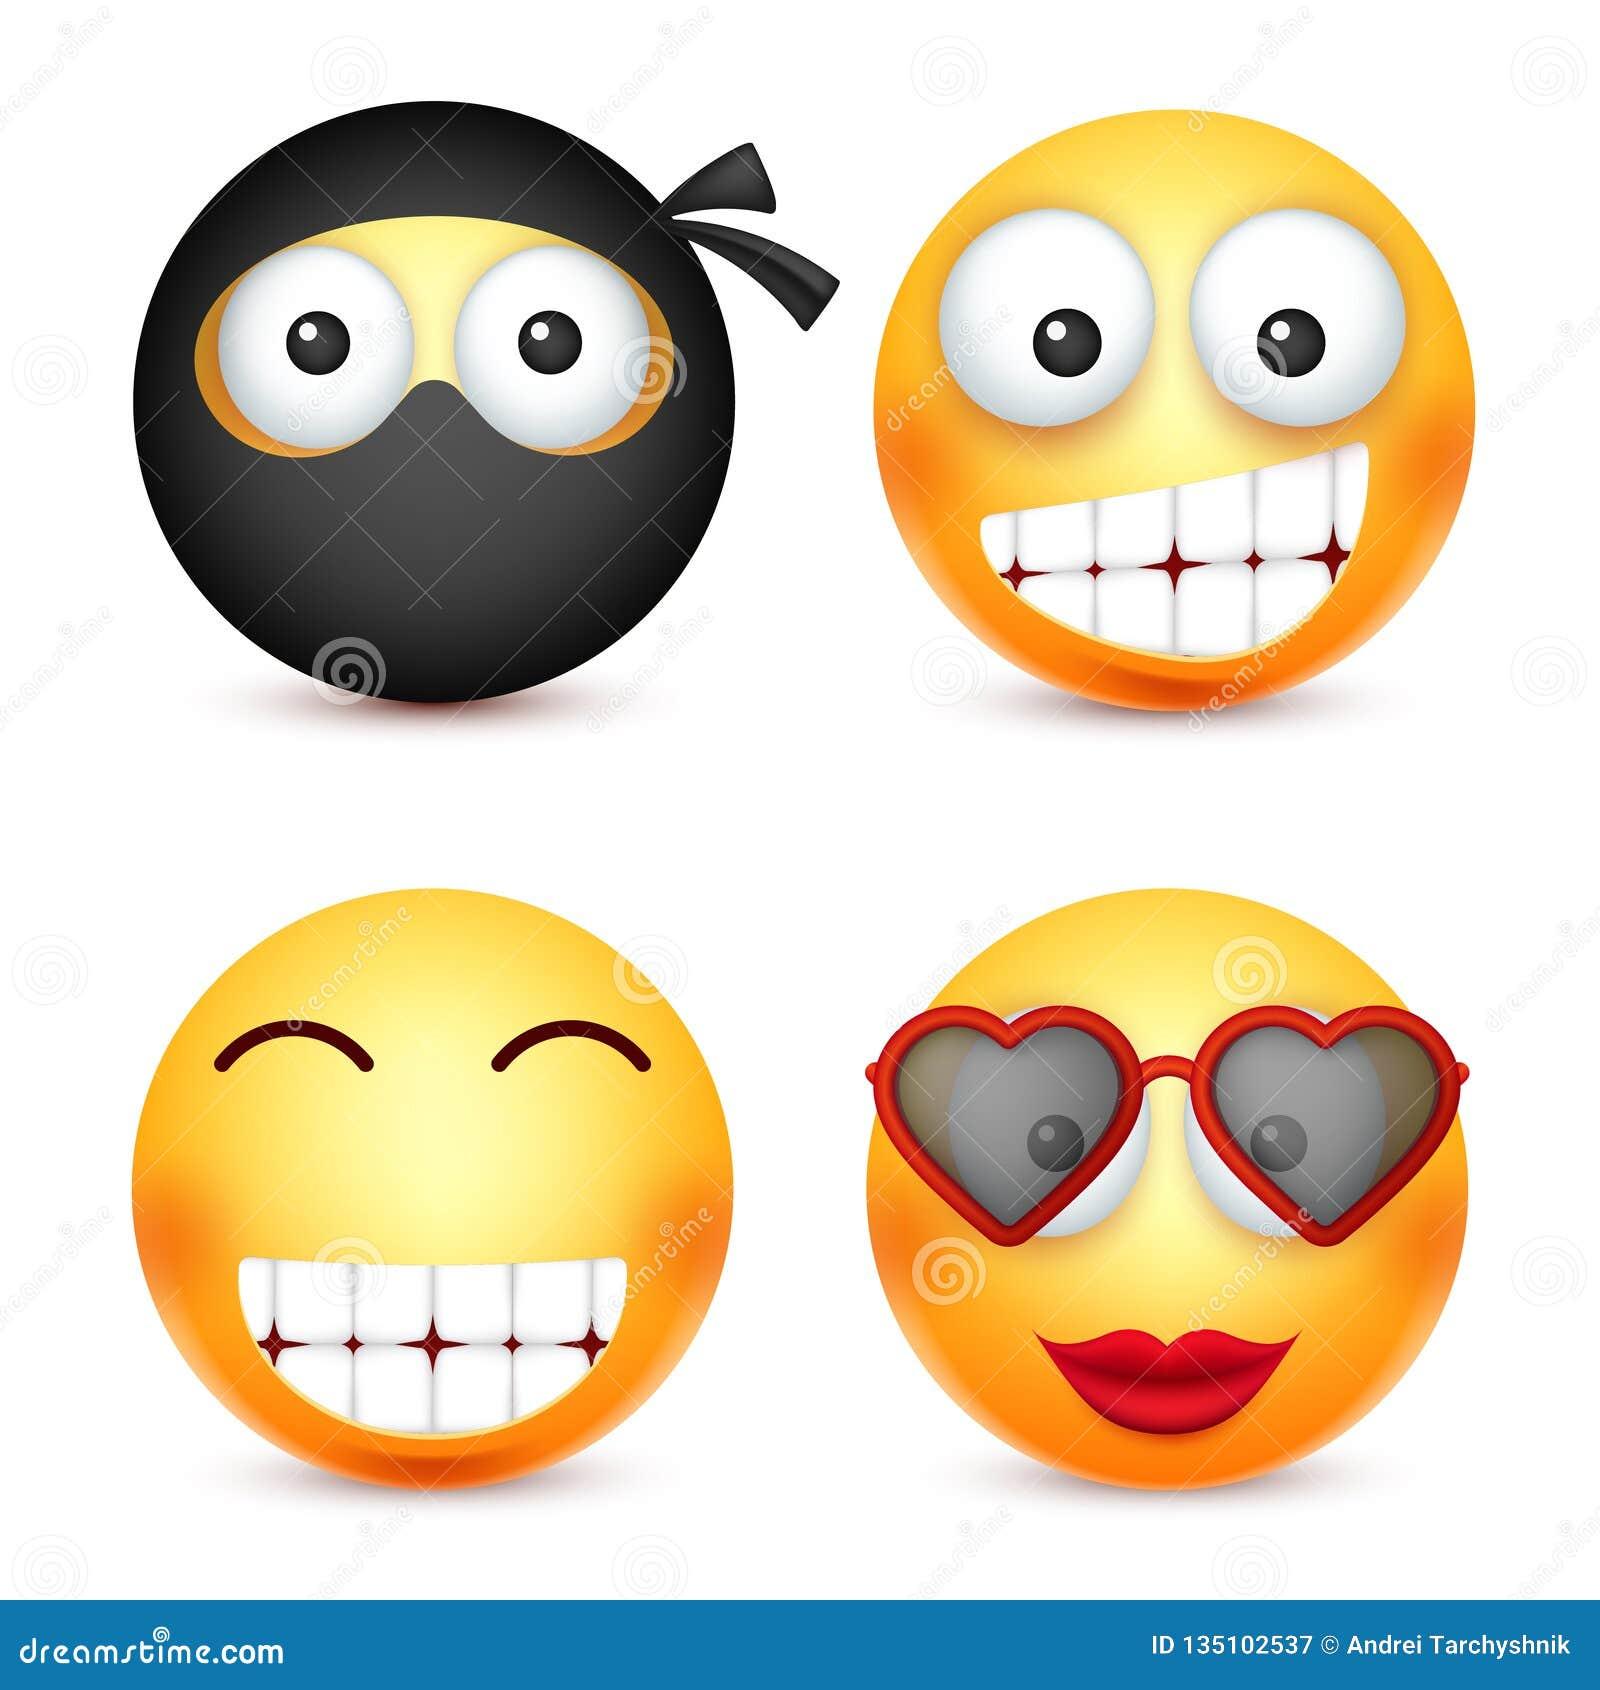 Smiley Sistema Del Emoticon Cara Amarilla Con Emociones Humor